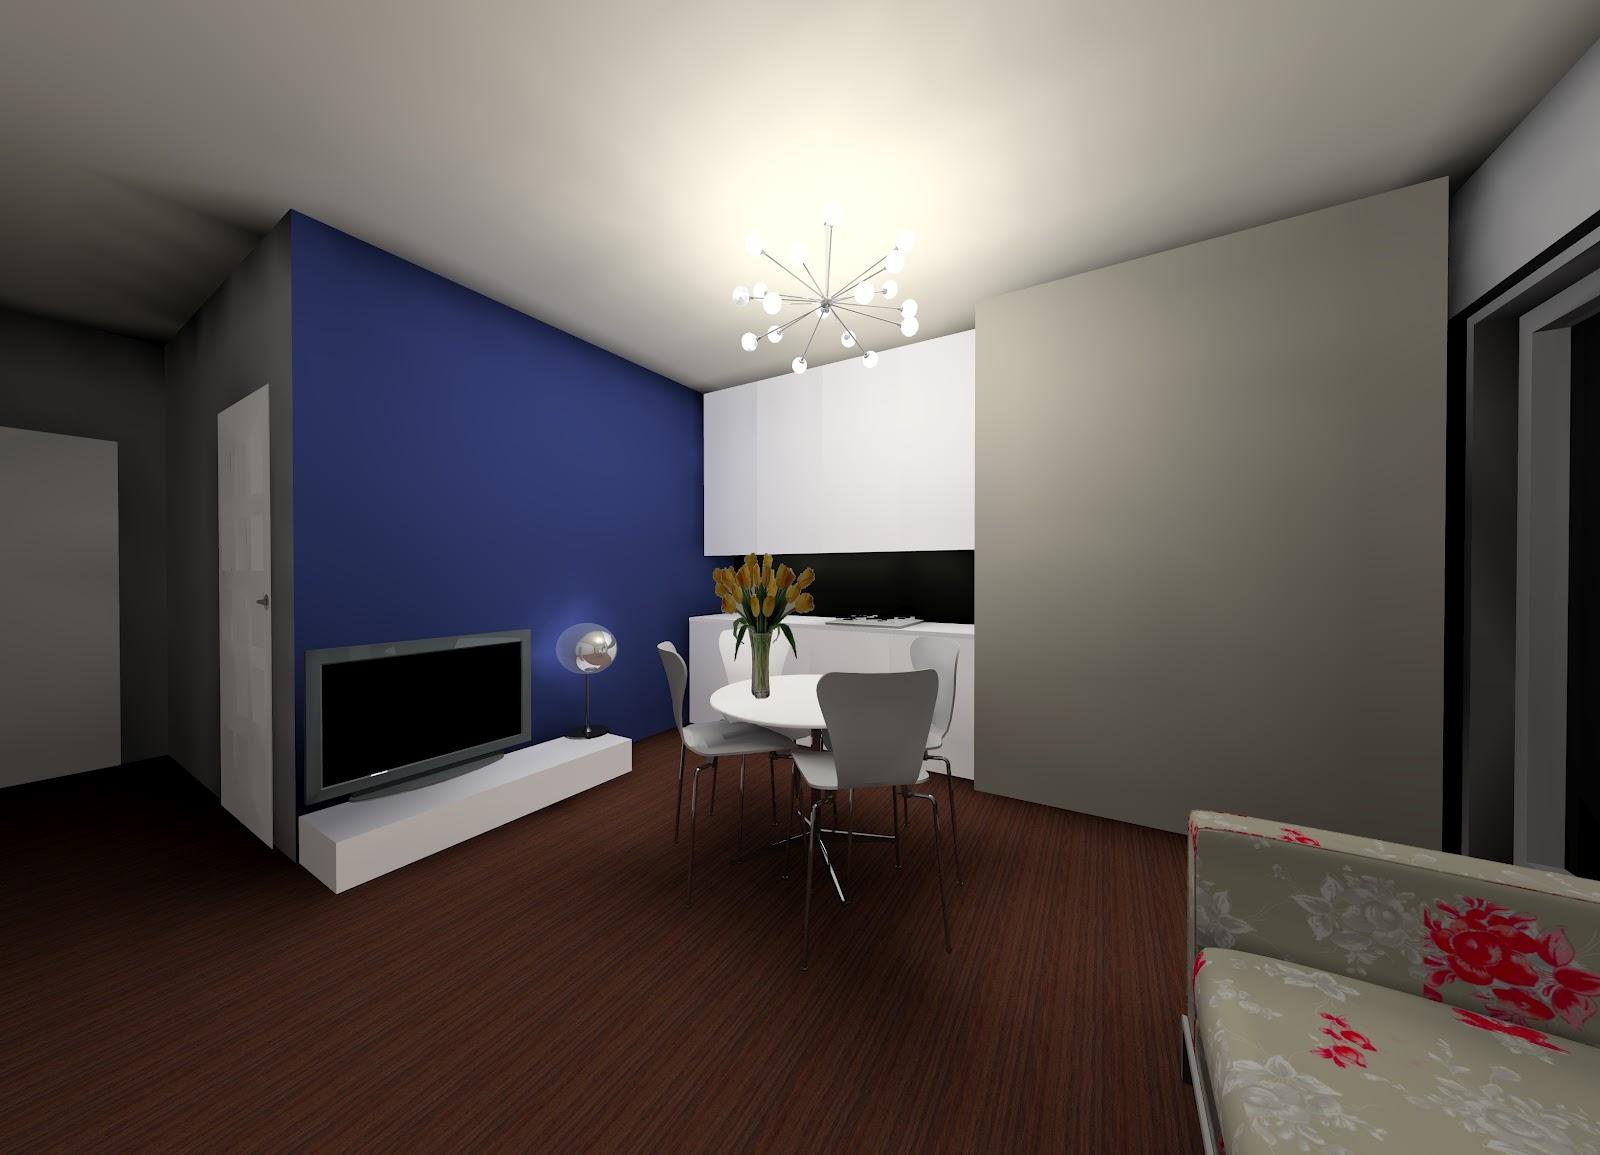 Emejing cucina soggiorno 20 mq photos home interior ideas - Cucina e soggiorno in 30 mq ...